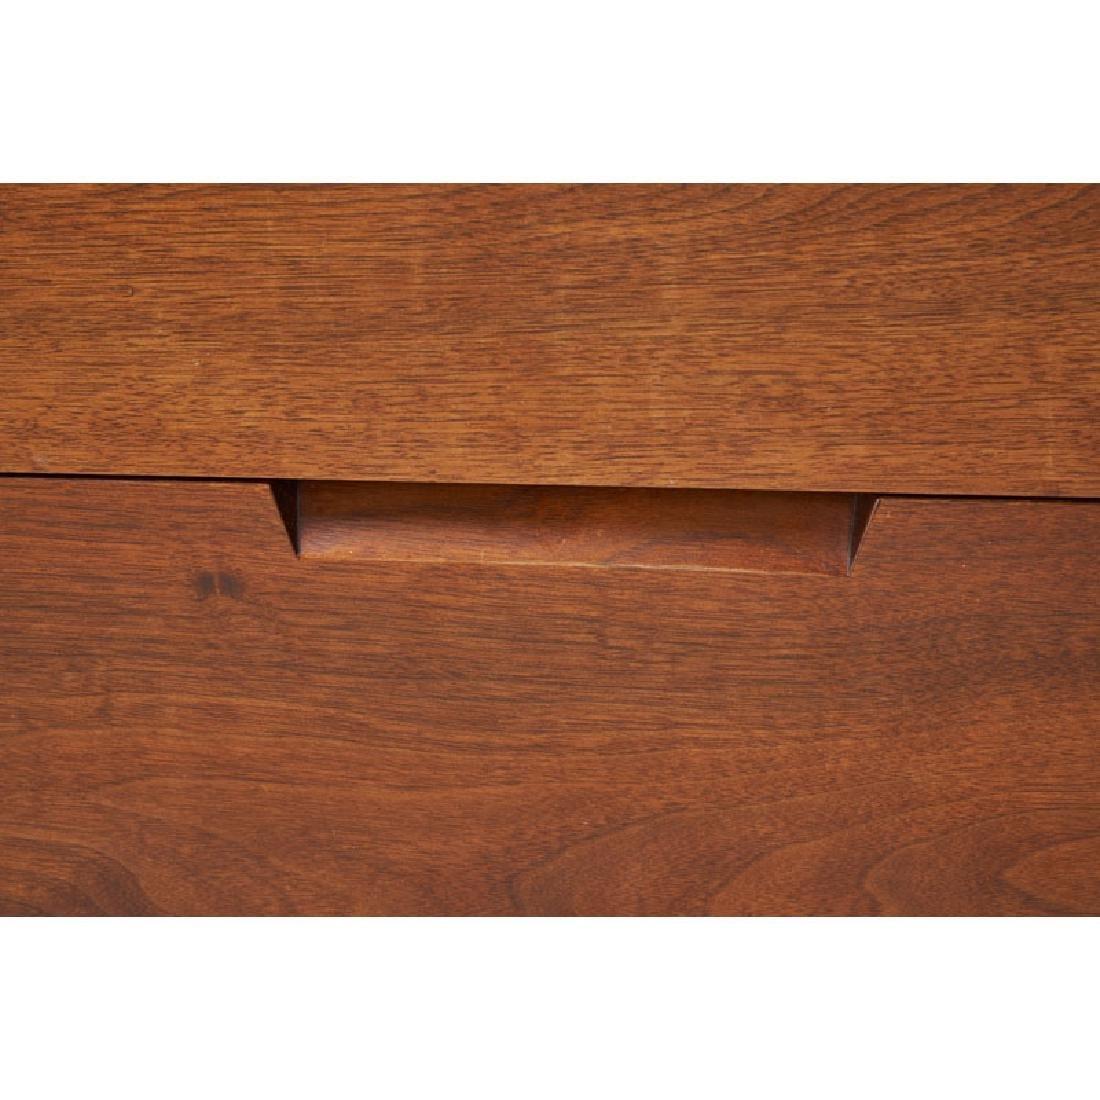 GEORGE NAKASHIMA Double dresser - 7